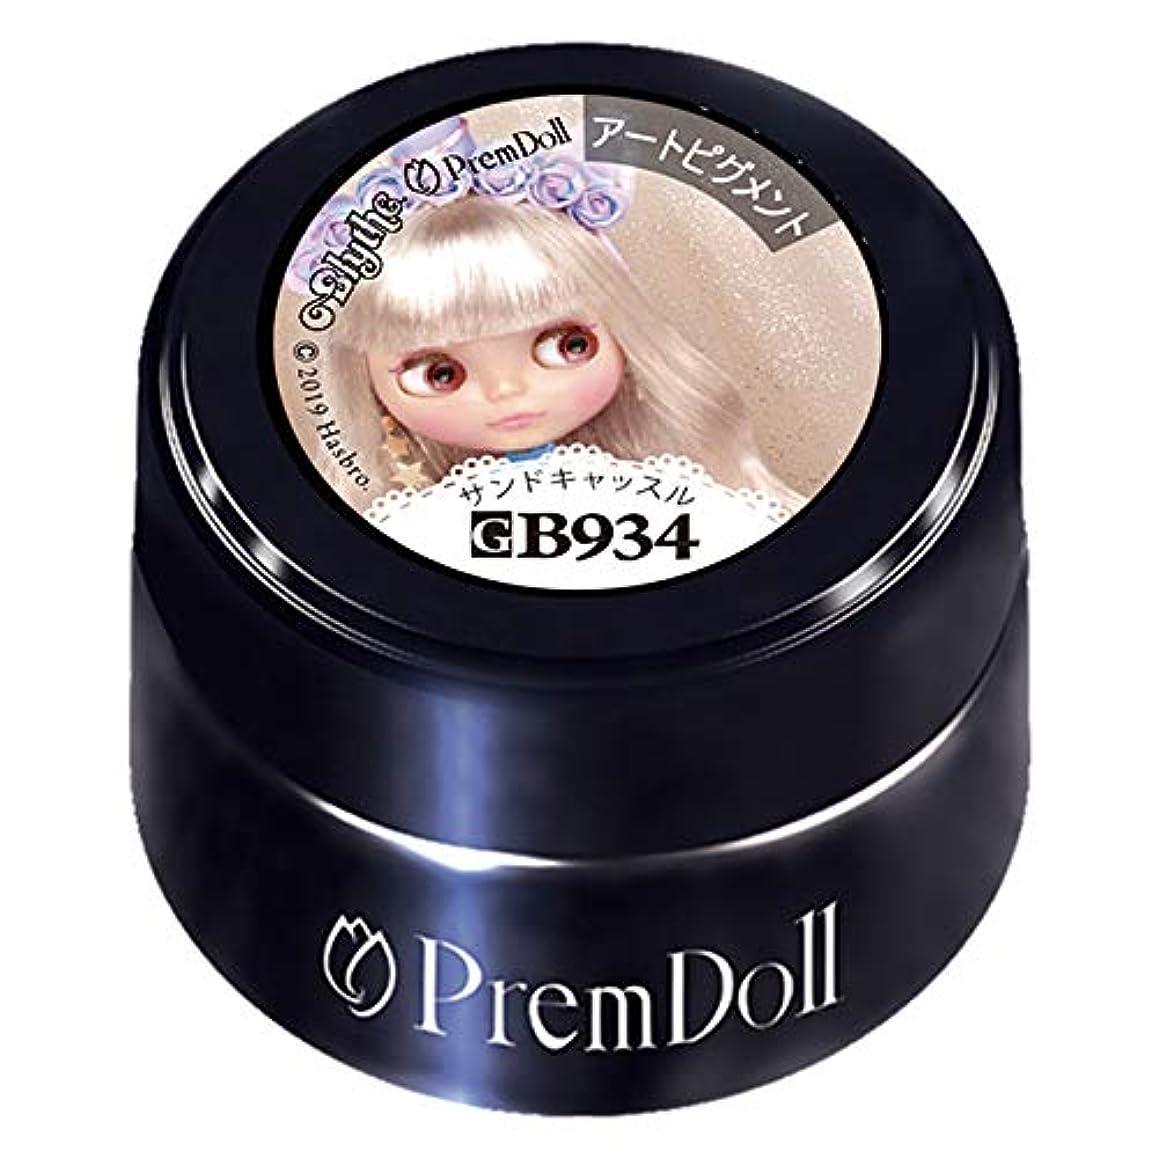 機械的に性格変なPRE GEL(プリジェル) PRE GEL プリムドール サンドキャッスル 3g DOLL-B934 カラージェル UV/LED対応 ジェルネイル